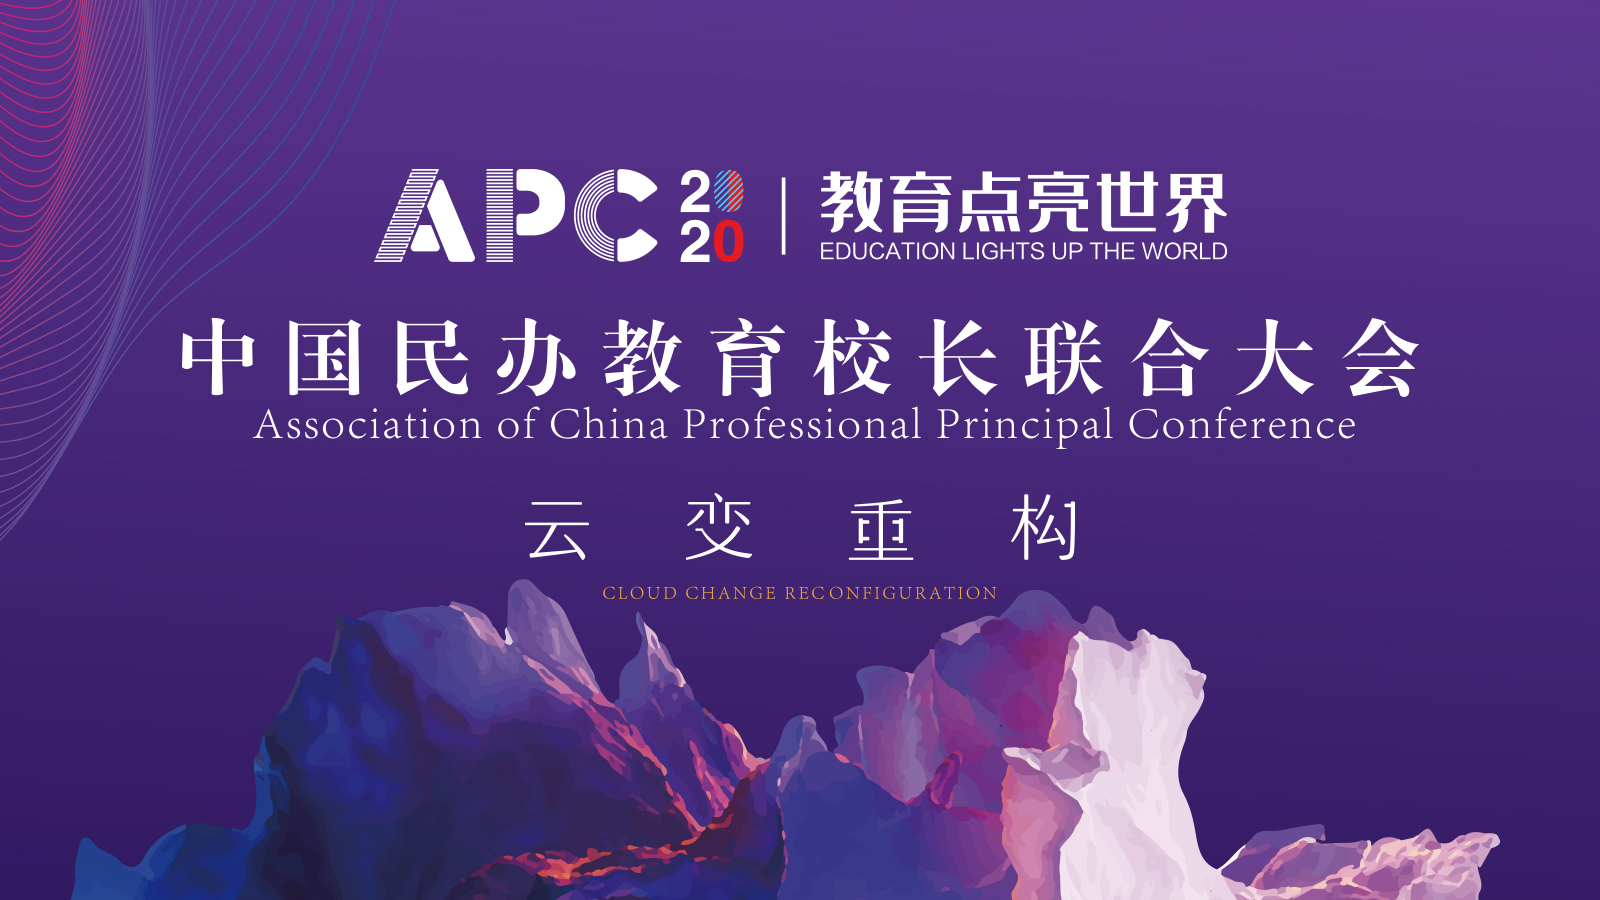 第四屆APC2020中國民辦教育校長聯合大會在南京開幕